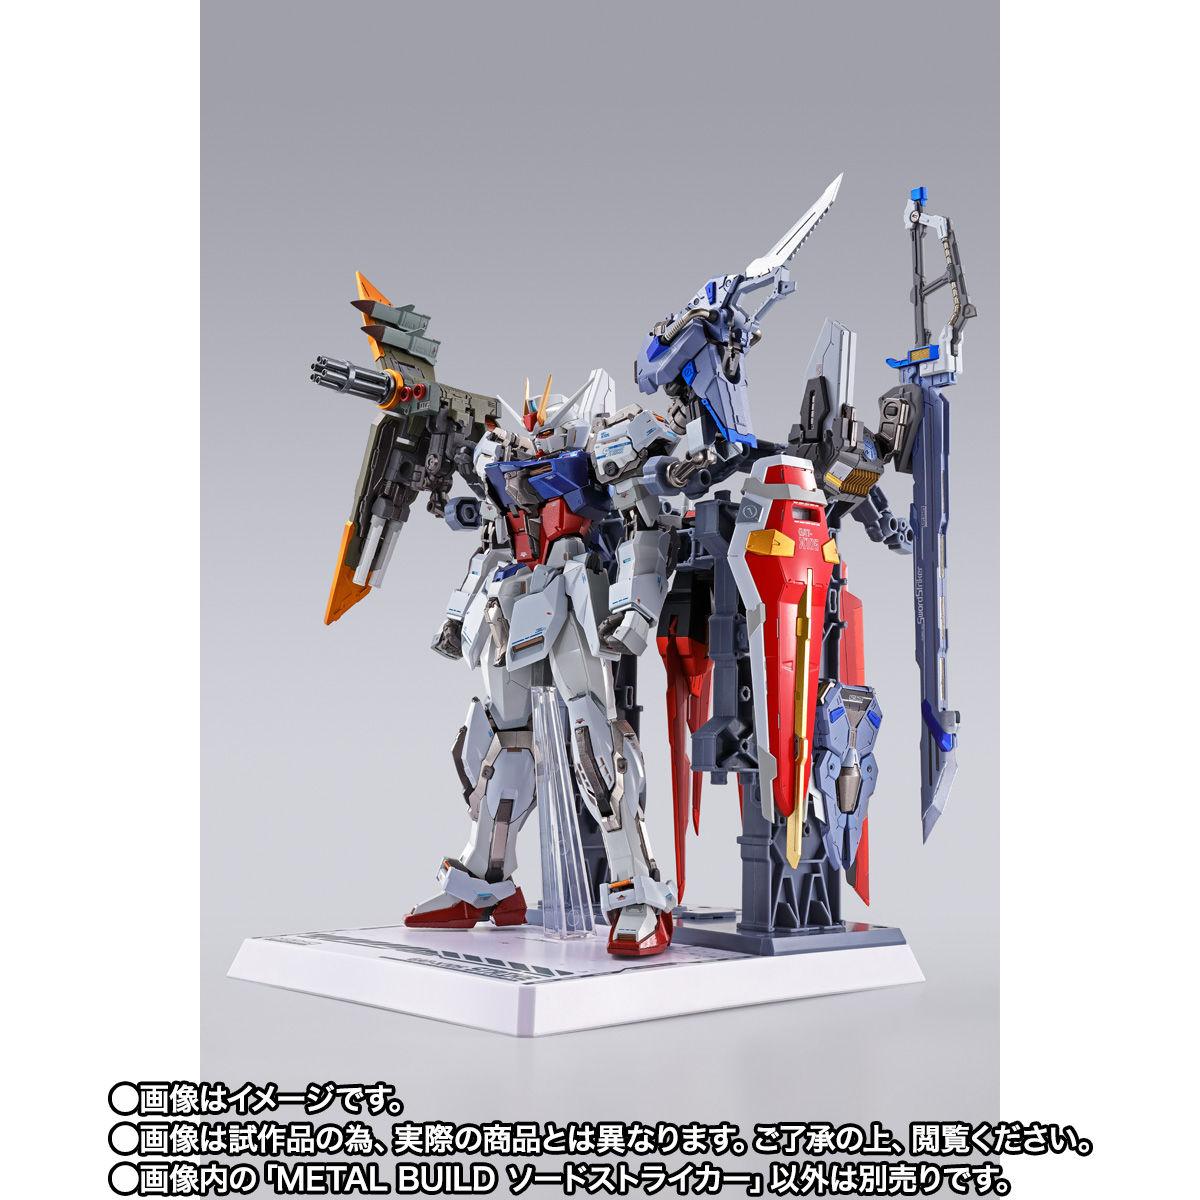 【限定販売】METAL BUILD『ソードストライカー』機動戦士ガンダムSEED 可動フィギュア-007